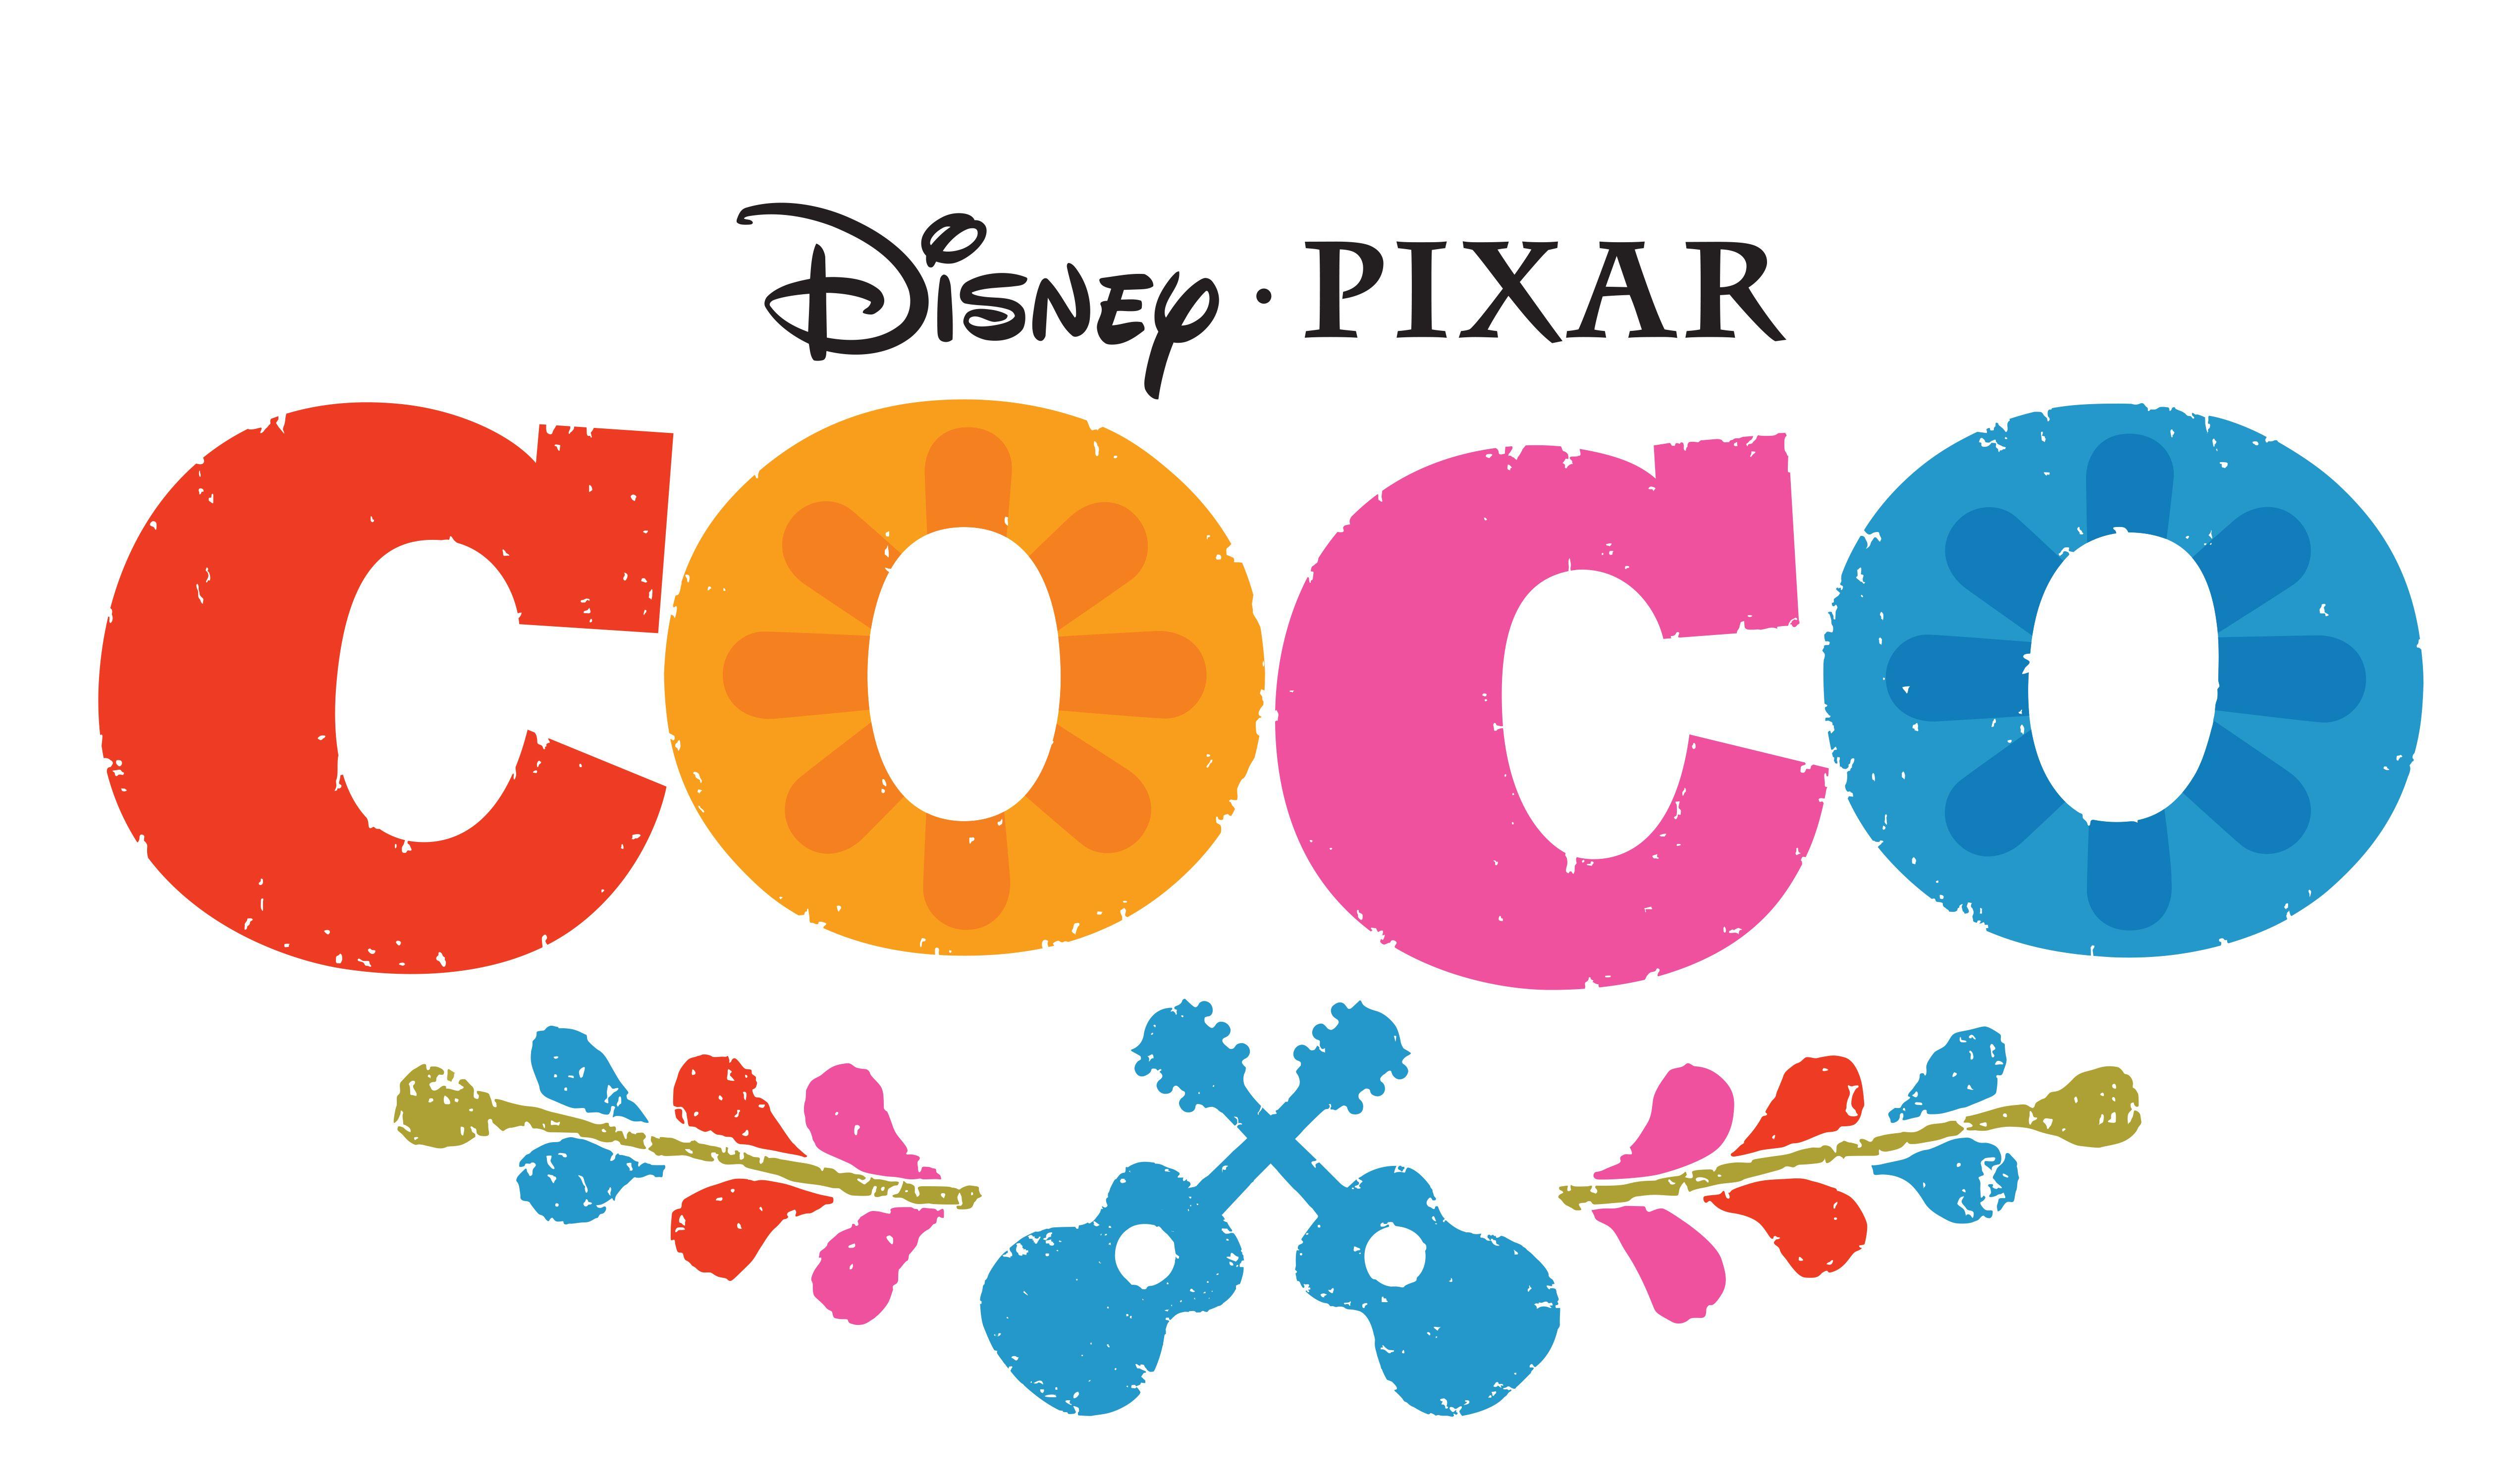 Coco logo.